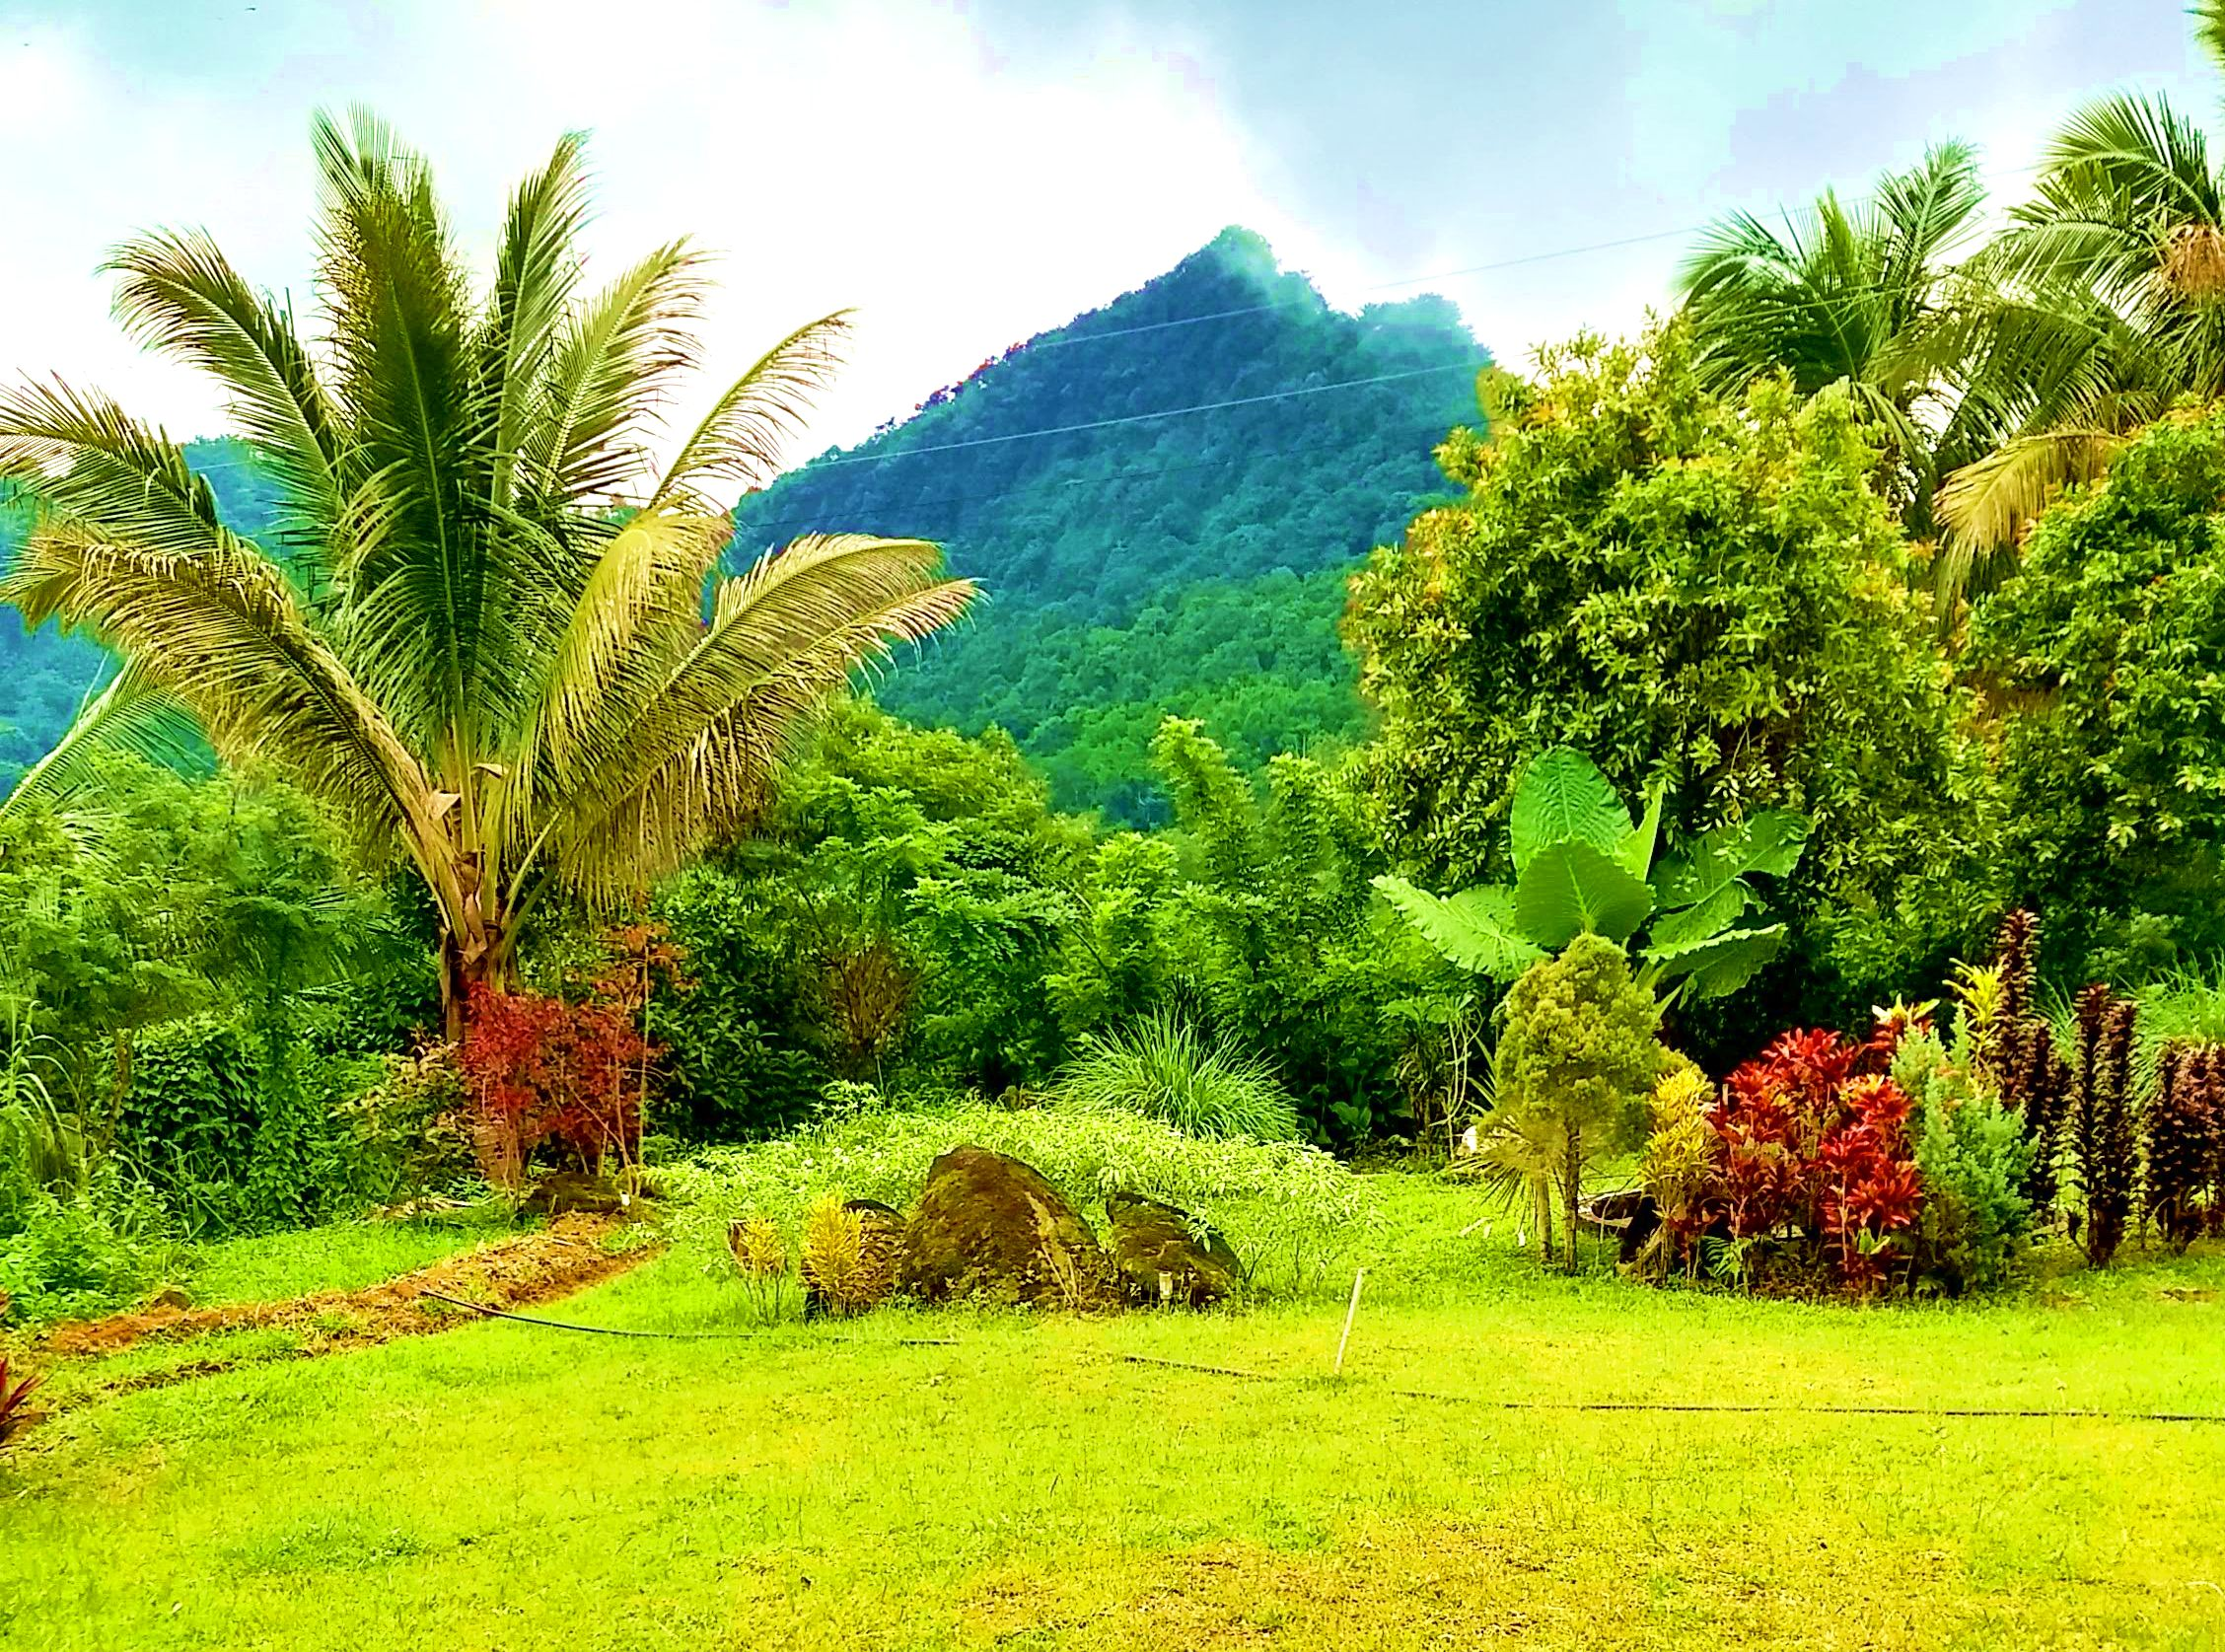 Bucari Iloilo Philippines landscape